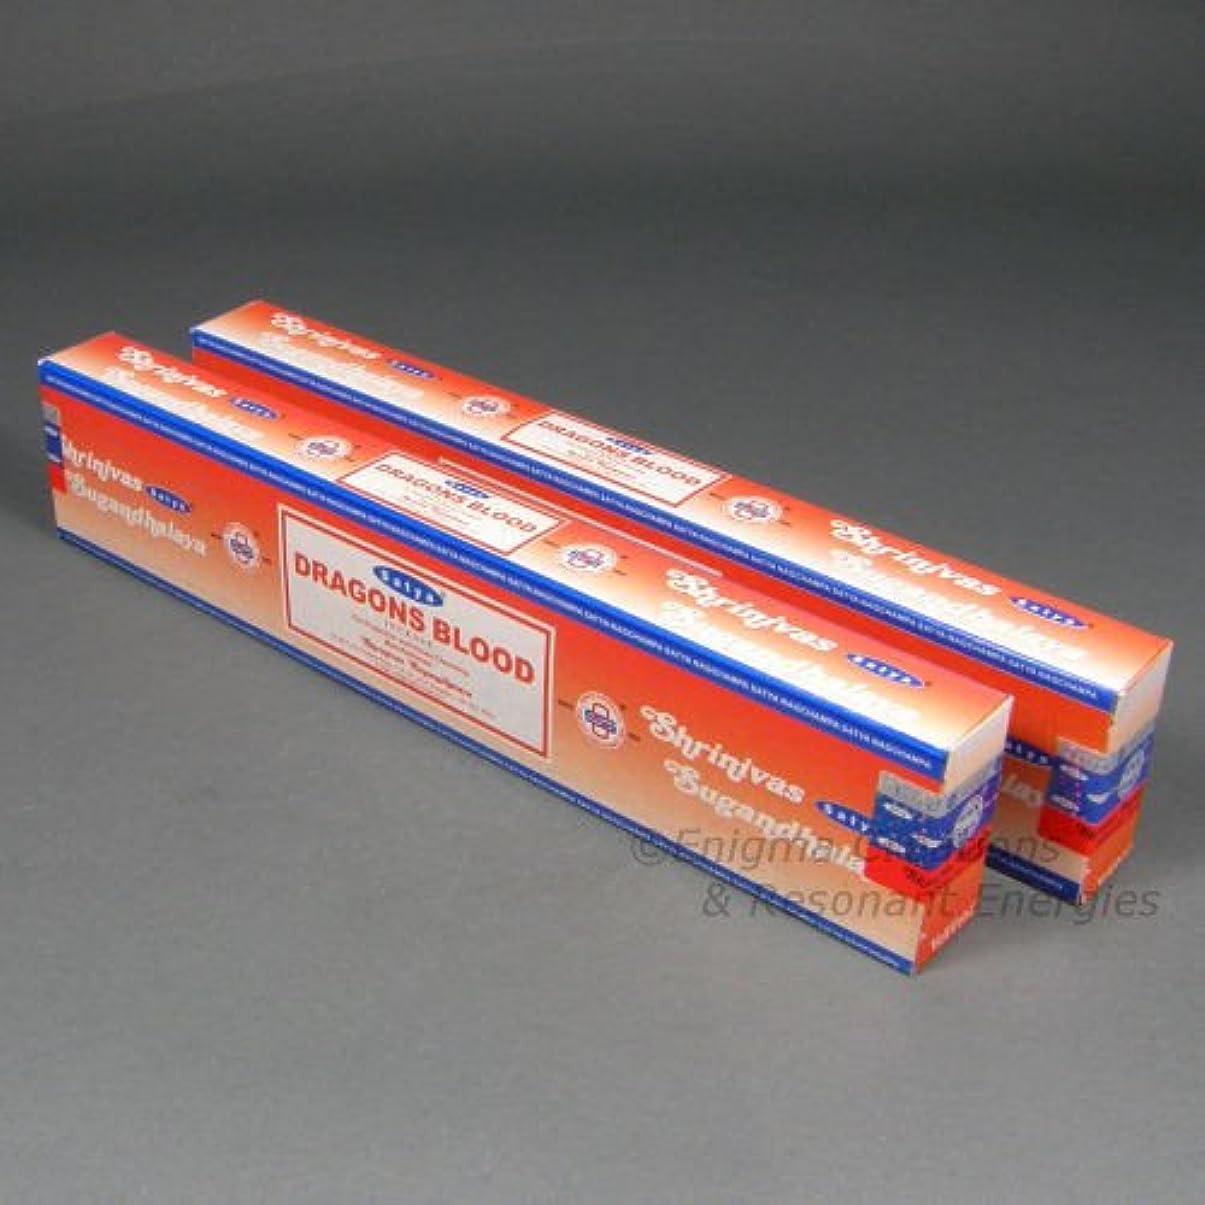 コンテンツ留まる少数Satya Dragon 's Blood Incense Sticks, 2 x 15グラムボックス、合計30グラム – (in239 )